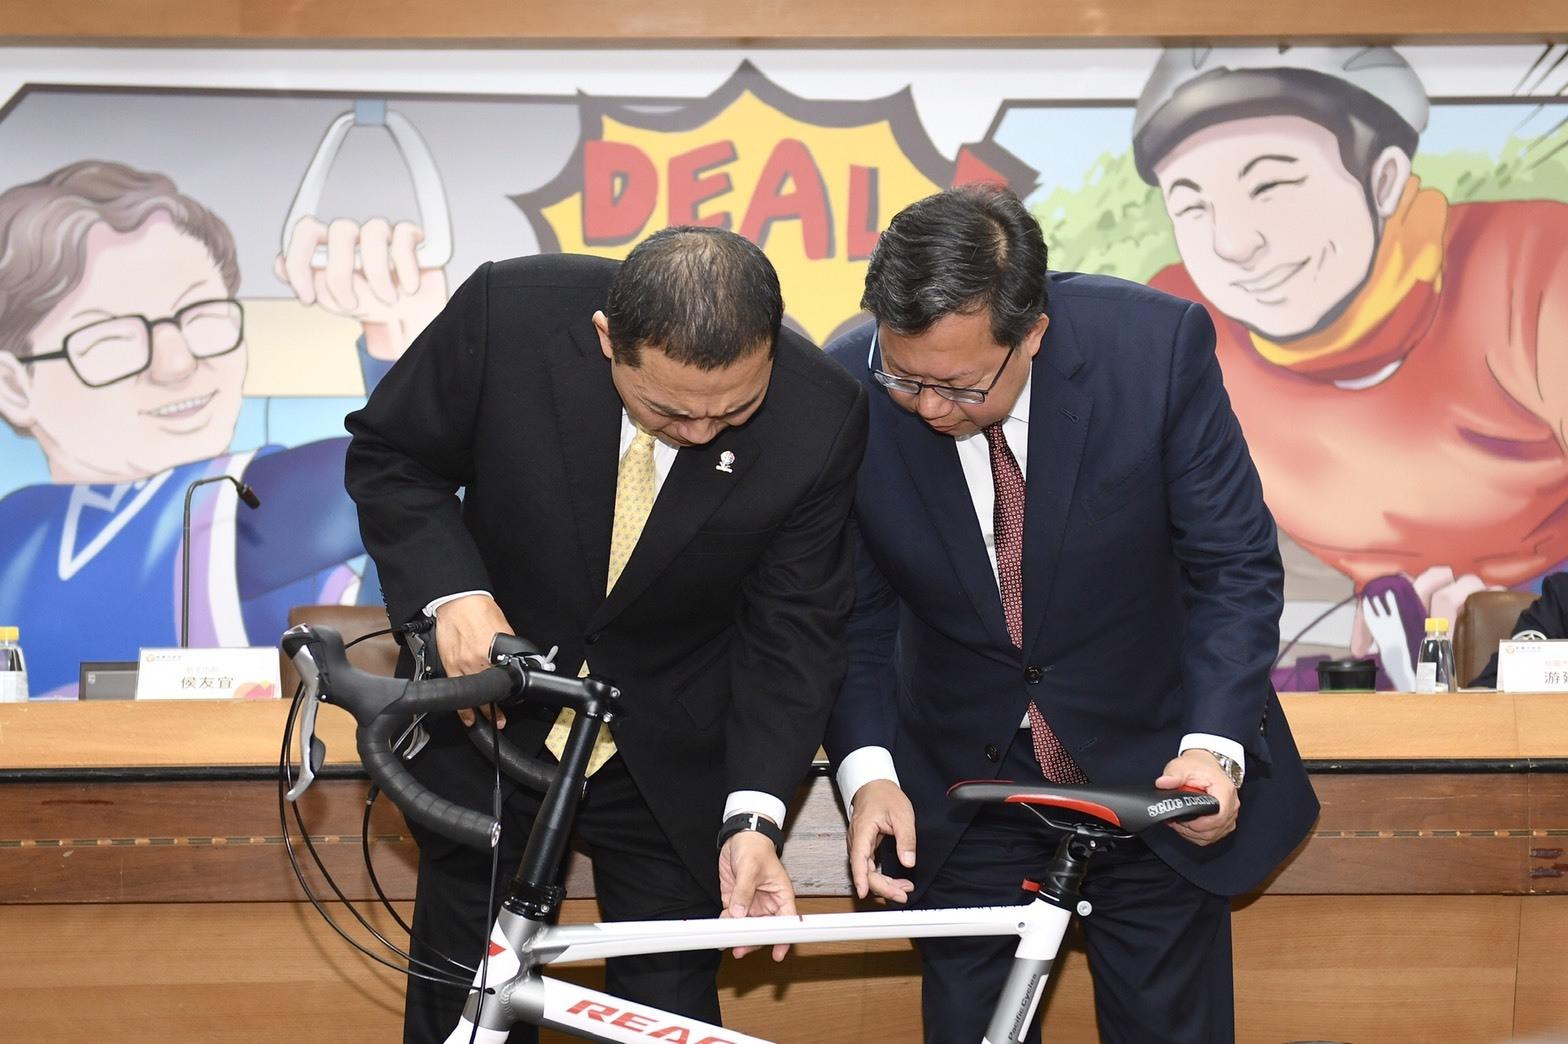 鄭市長向新北市長侯友宜說明致贈「太平洋公路自行車」涵義以及設計巧思